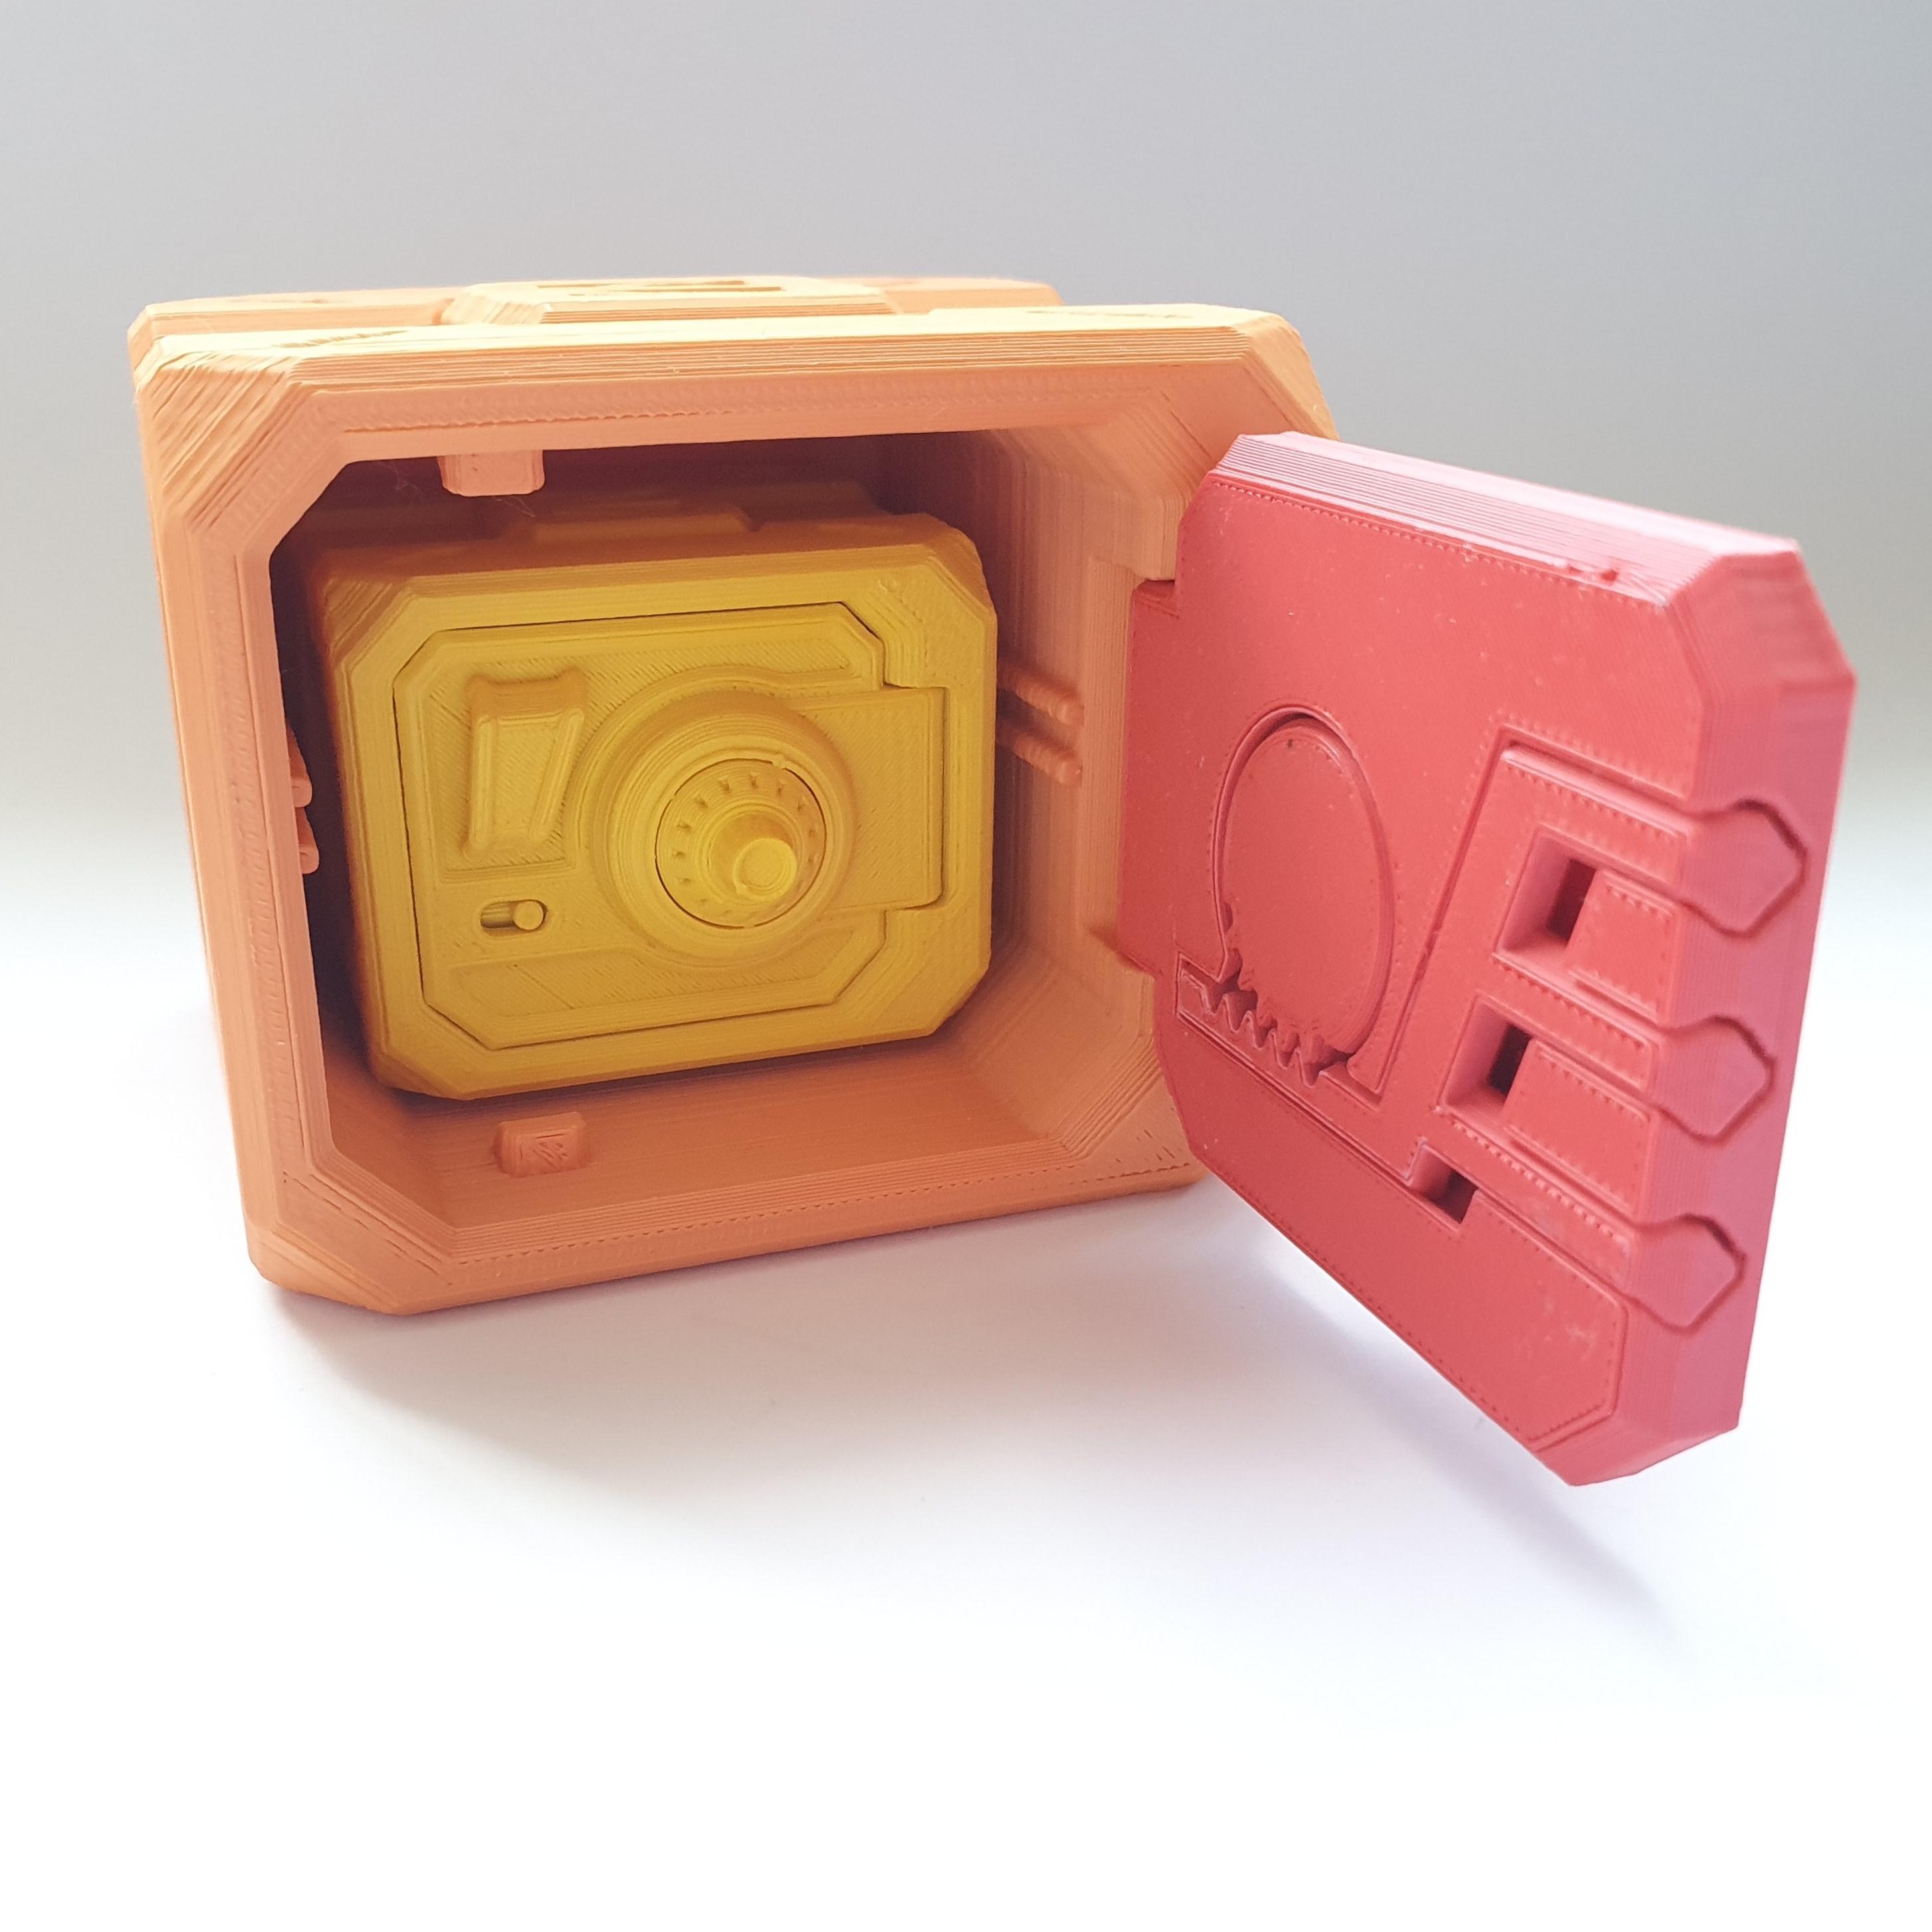 20200430_124936.jpg Descargar archivo STL gratis Caja de seguridad con puerta con llave • Diseño para la impresora 3D, DNAdesigns